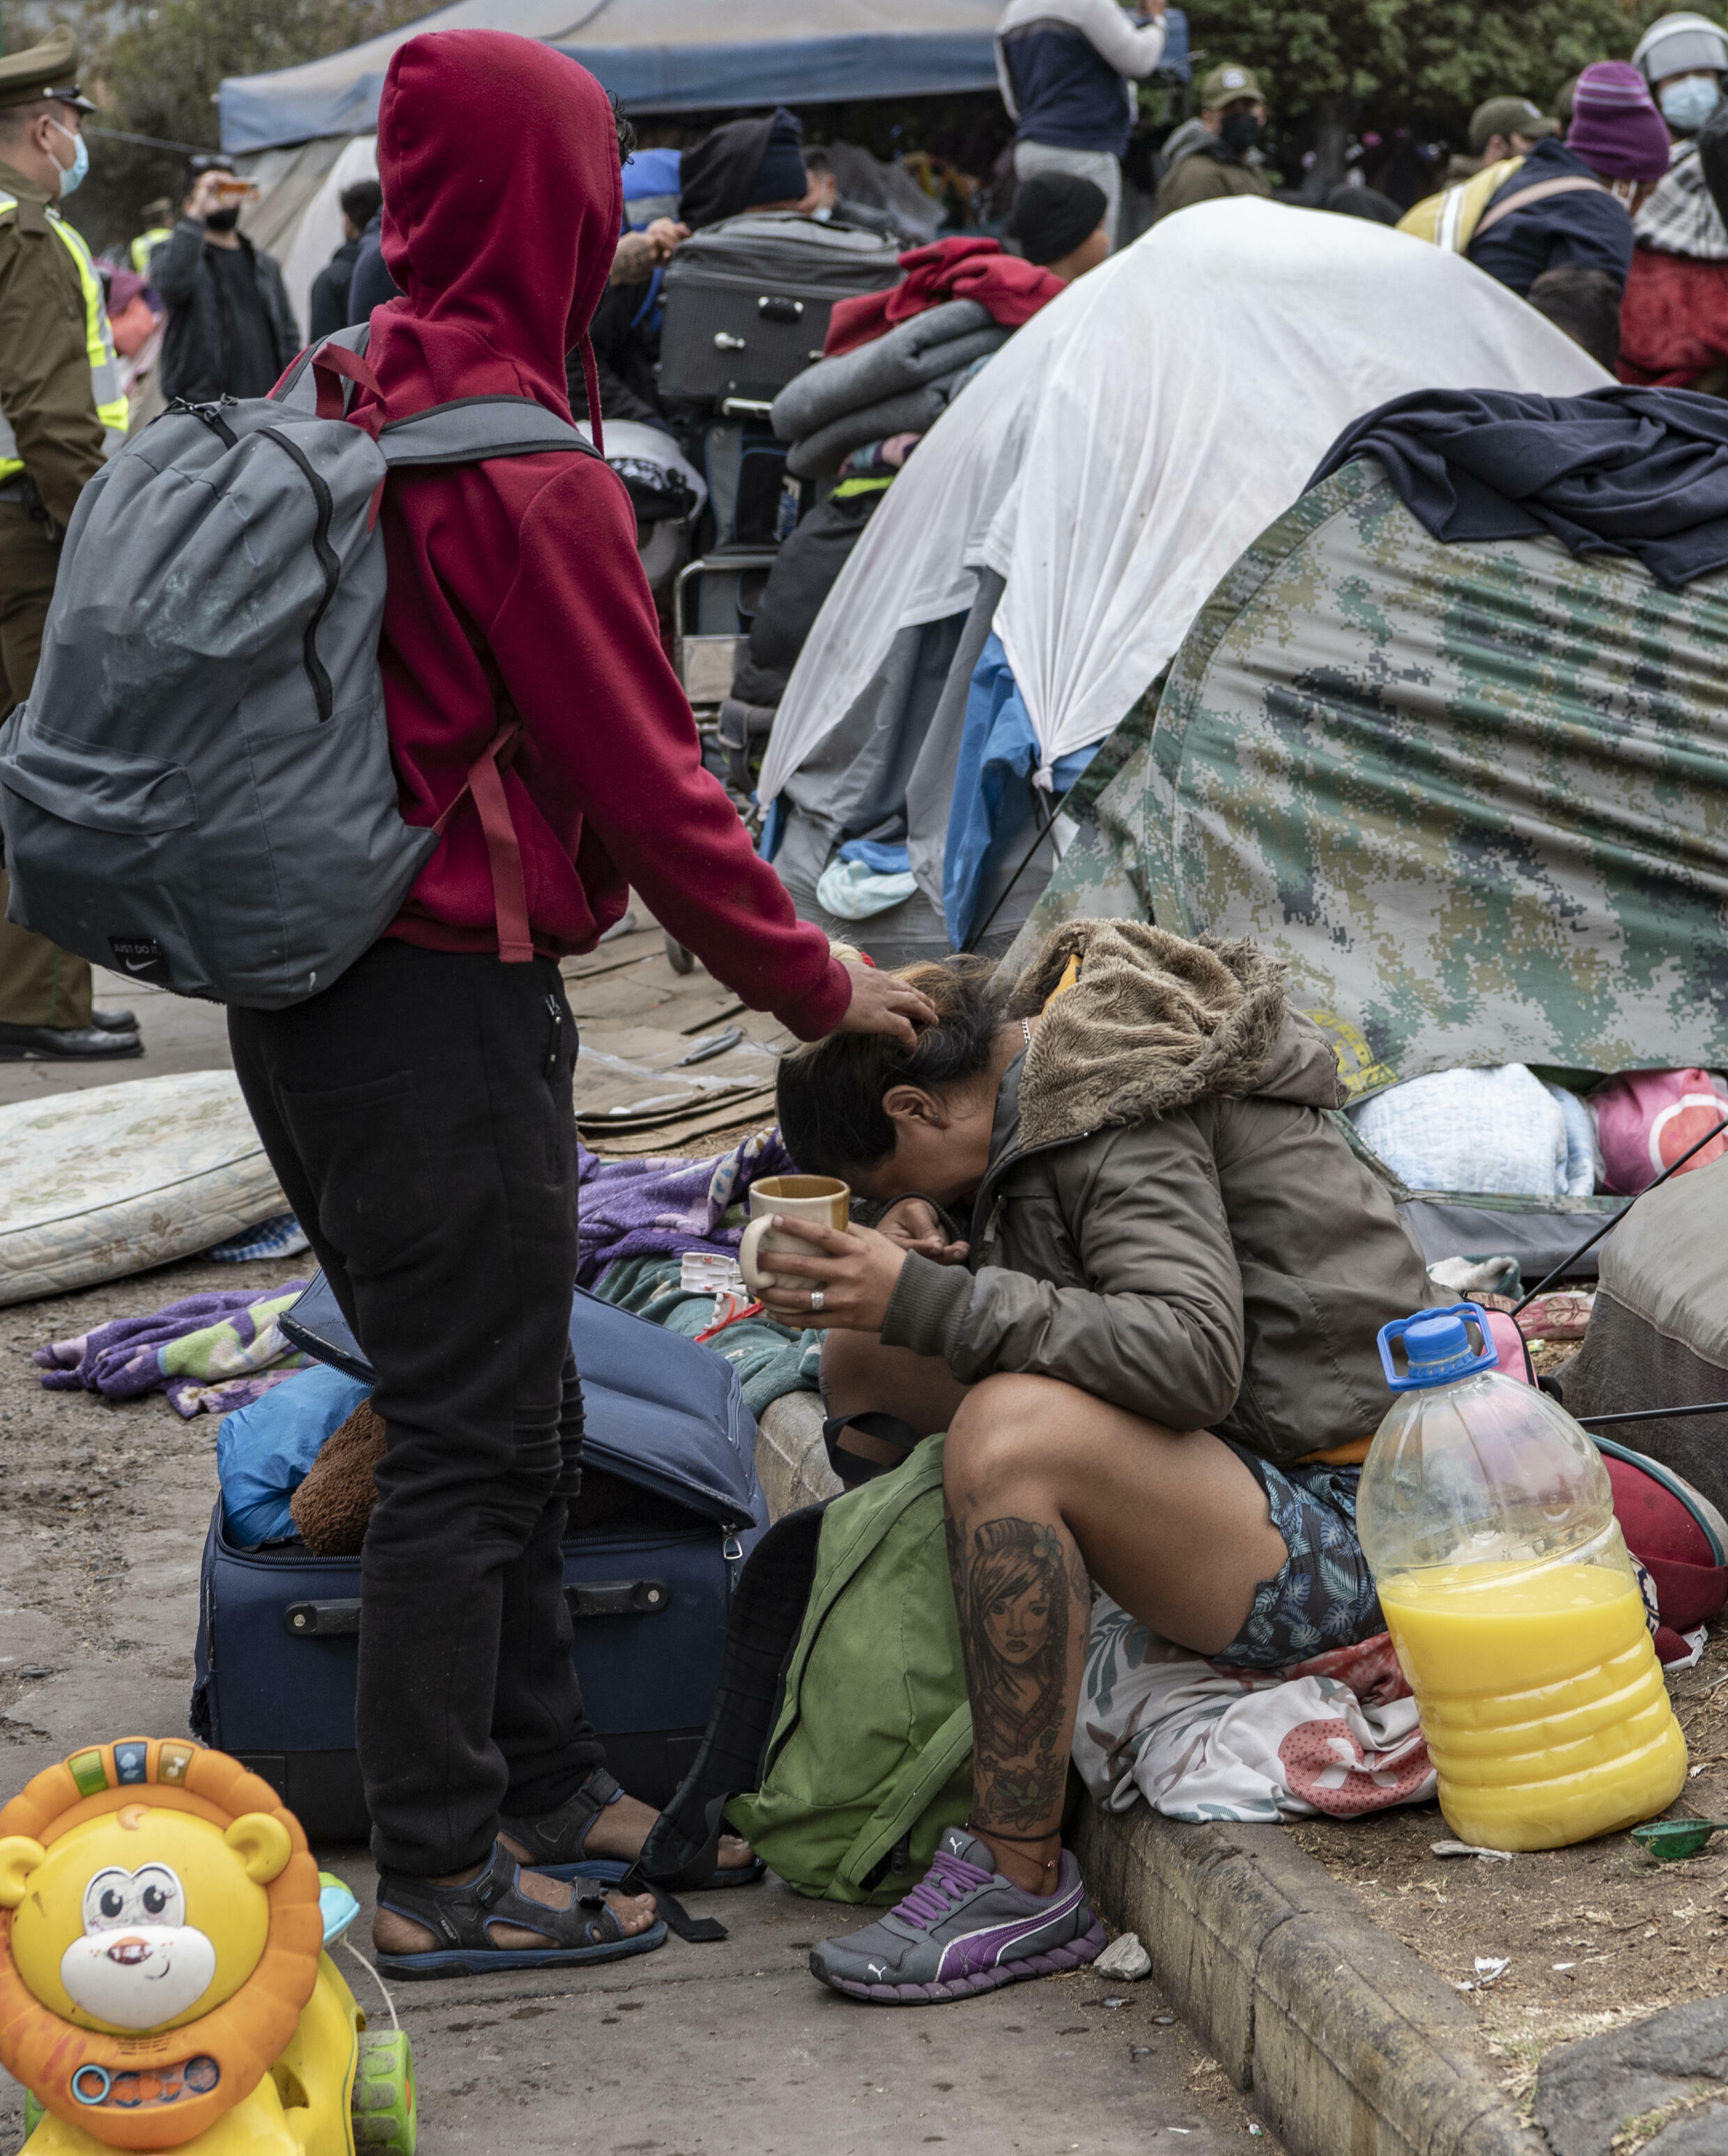 El desalojo se produce antes de una marcha prevista en la ciudad contra los inmigrantes indocumentados